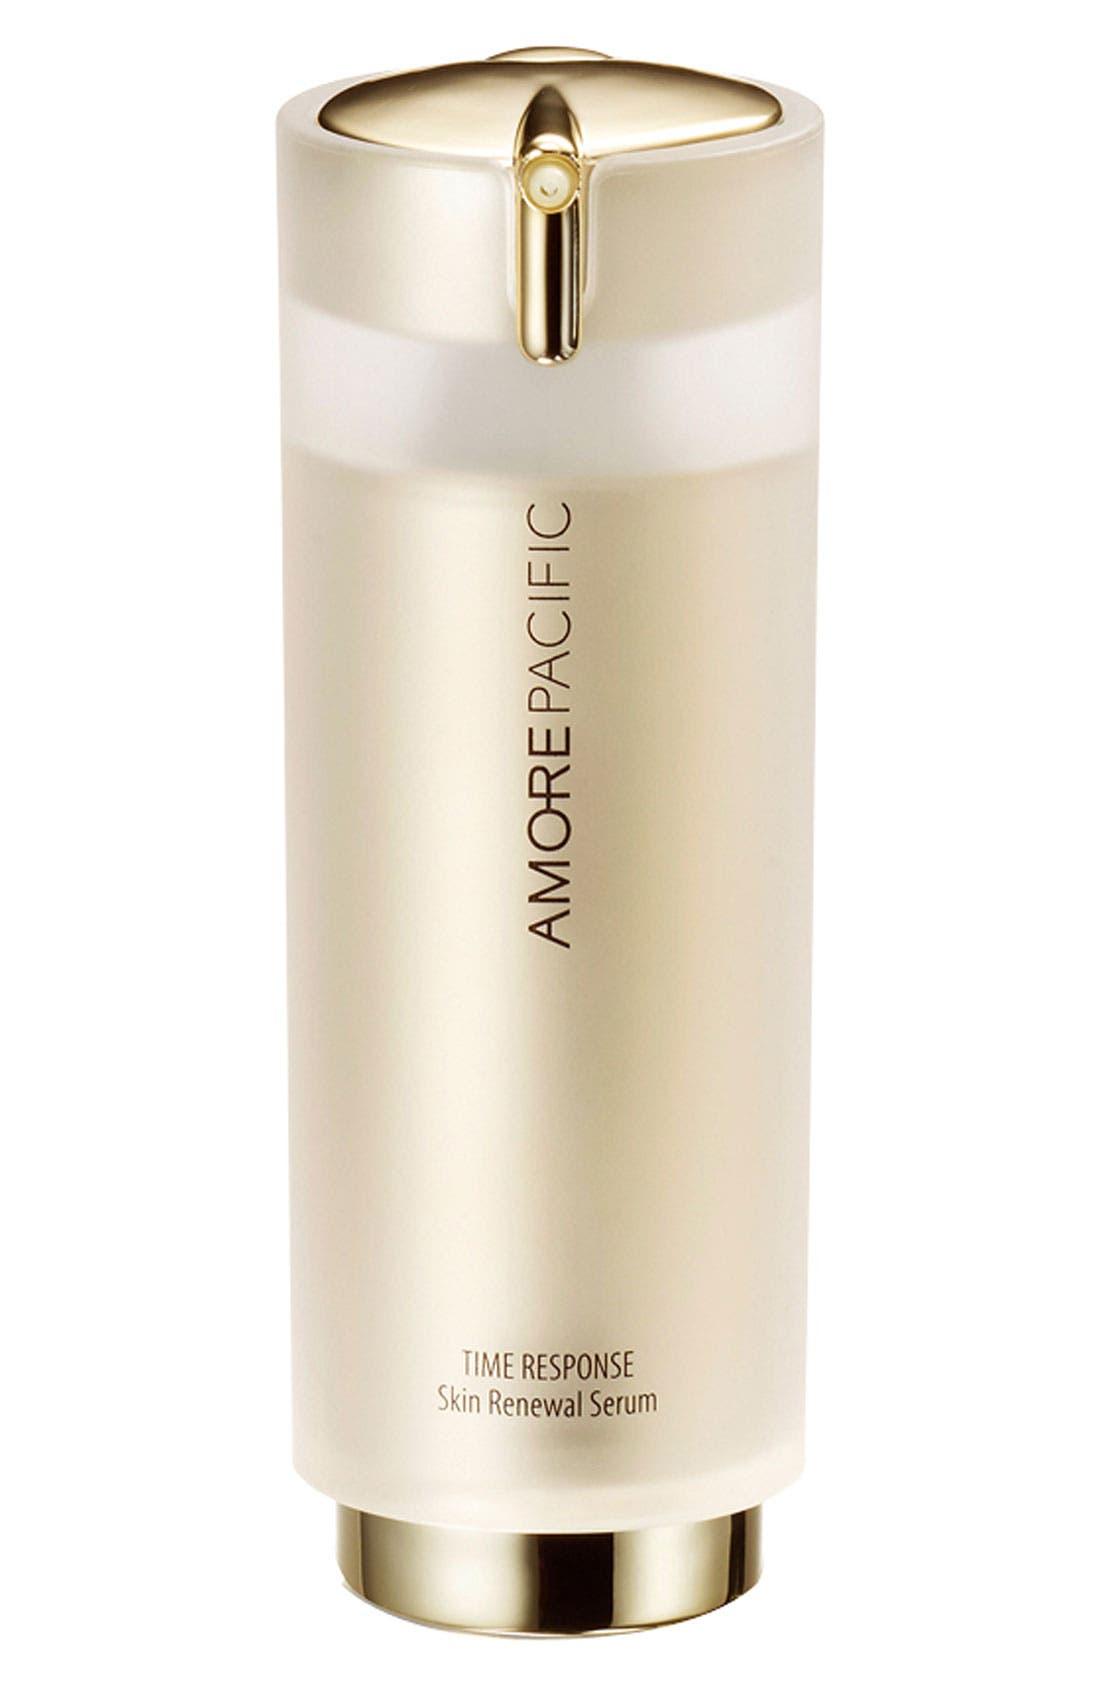 AMOREPACIFIC Time Response Skin Renewal Serum